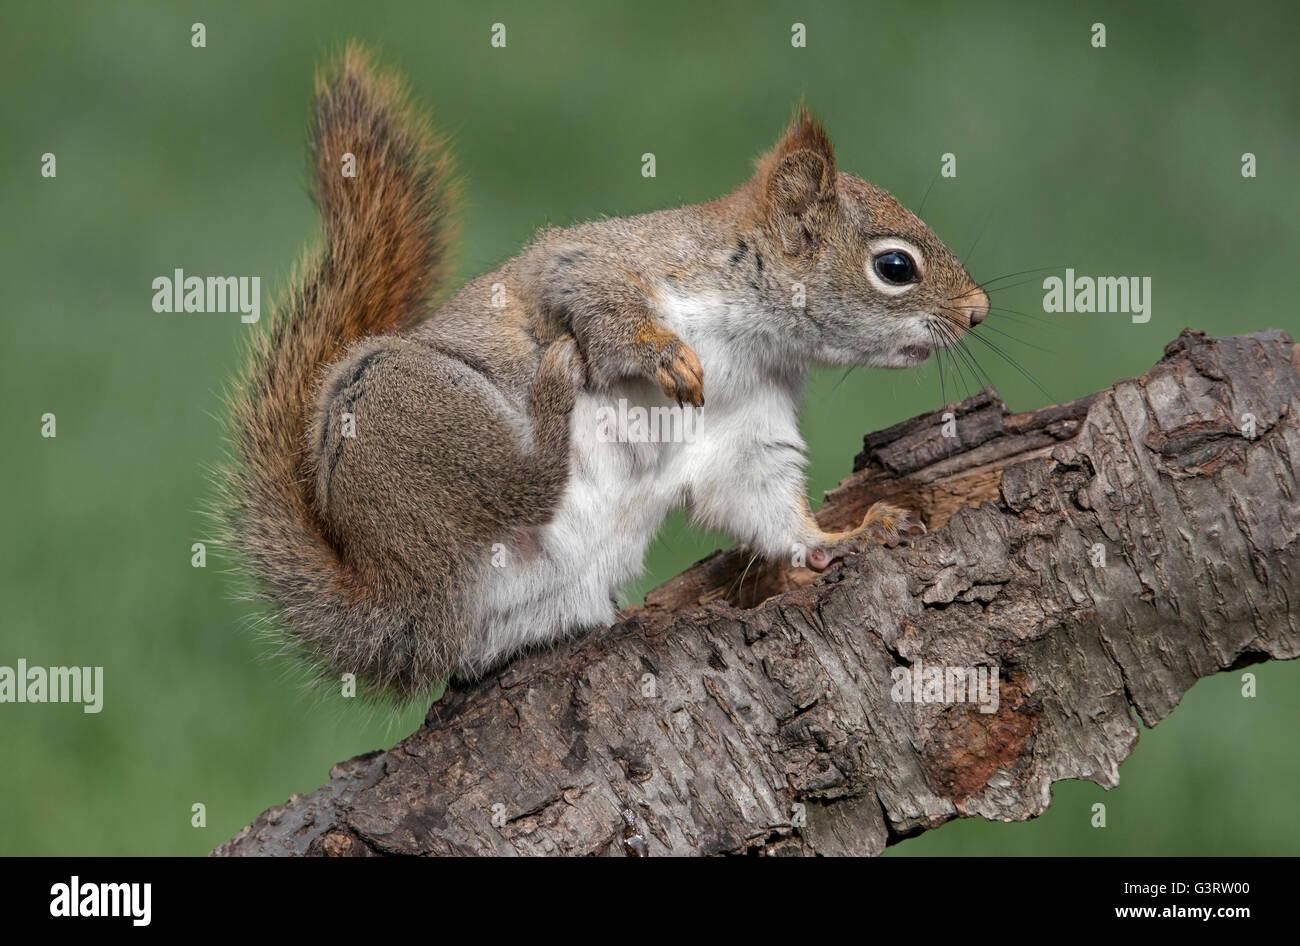 Eastern Red Squirrel scratching Tamiasciurus or Sciurus hudsonicus E North America - Stock Image